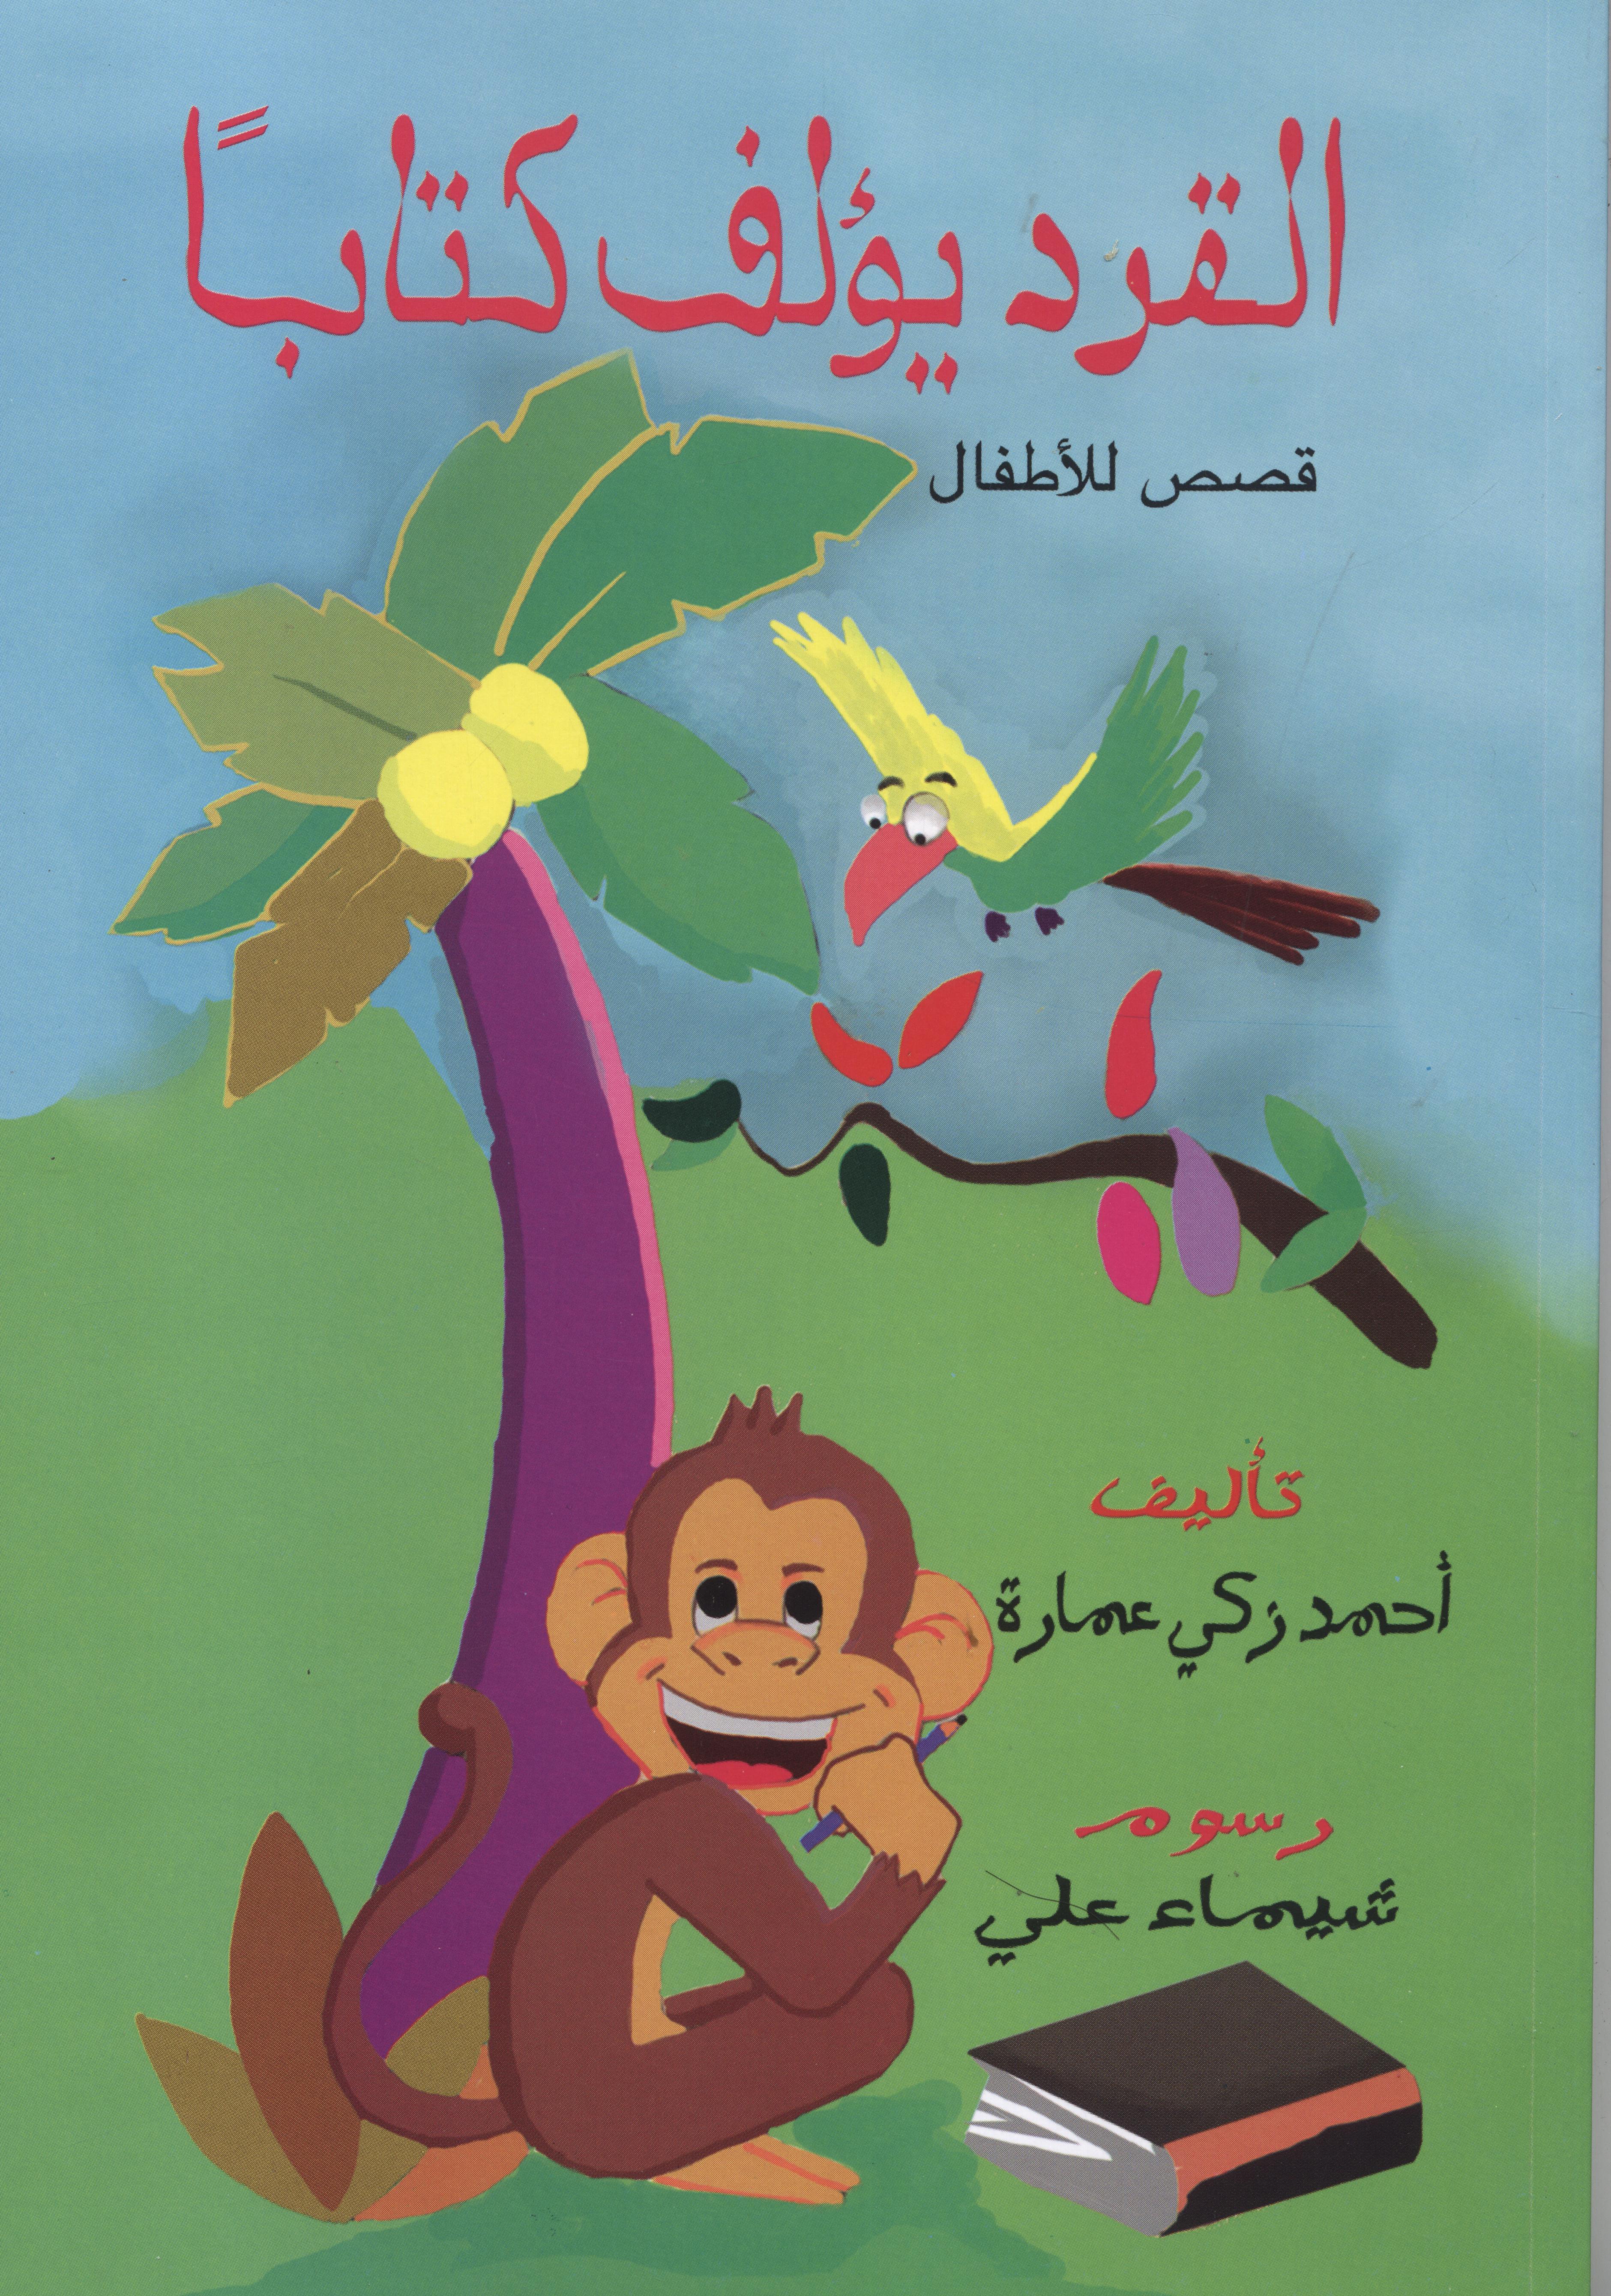 القرد يؤلف كتابًا 9